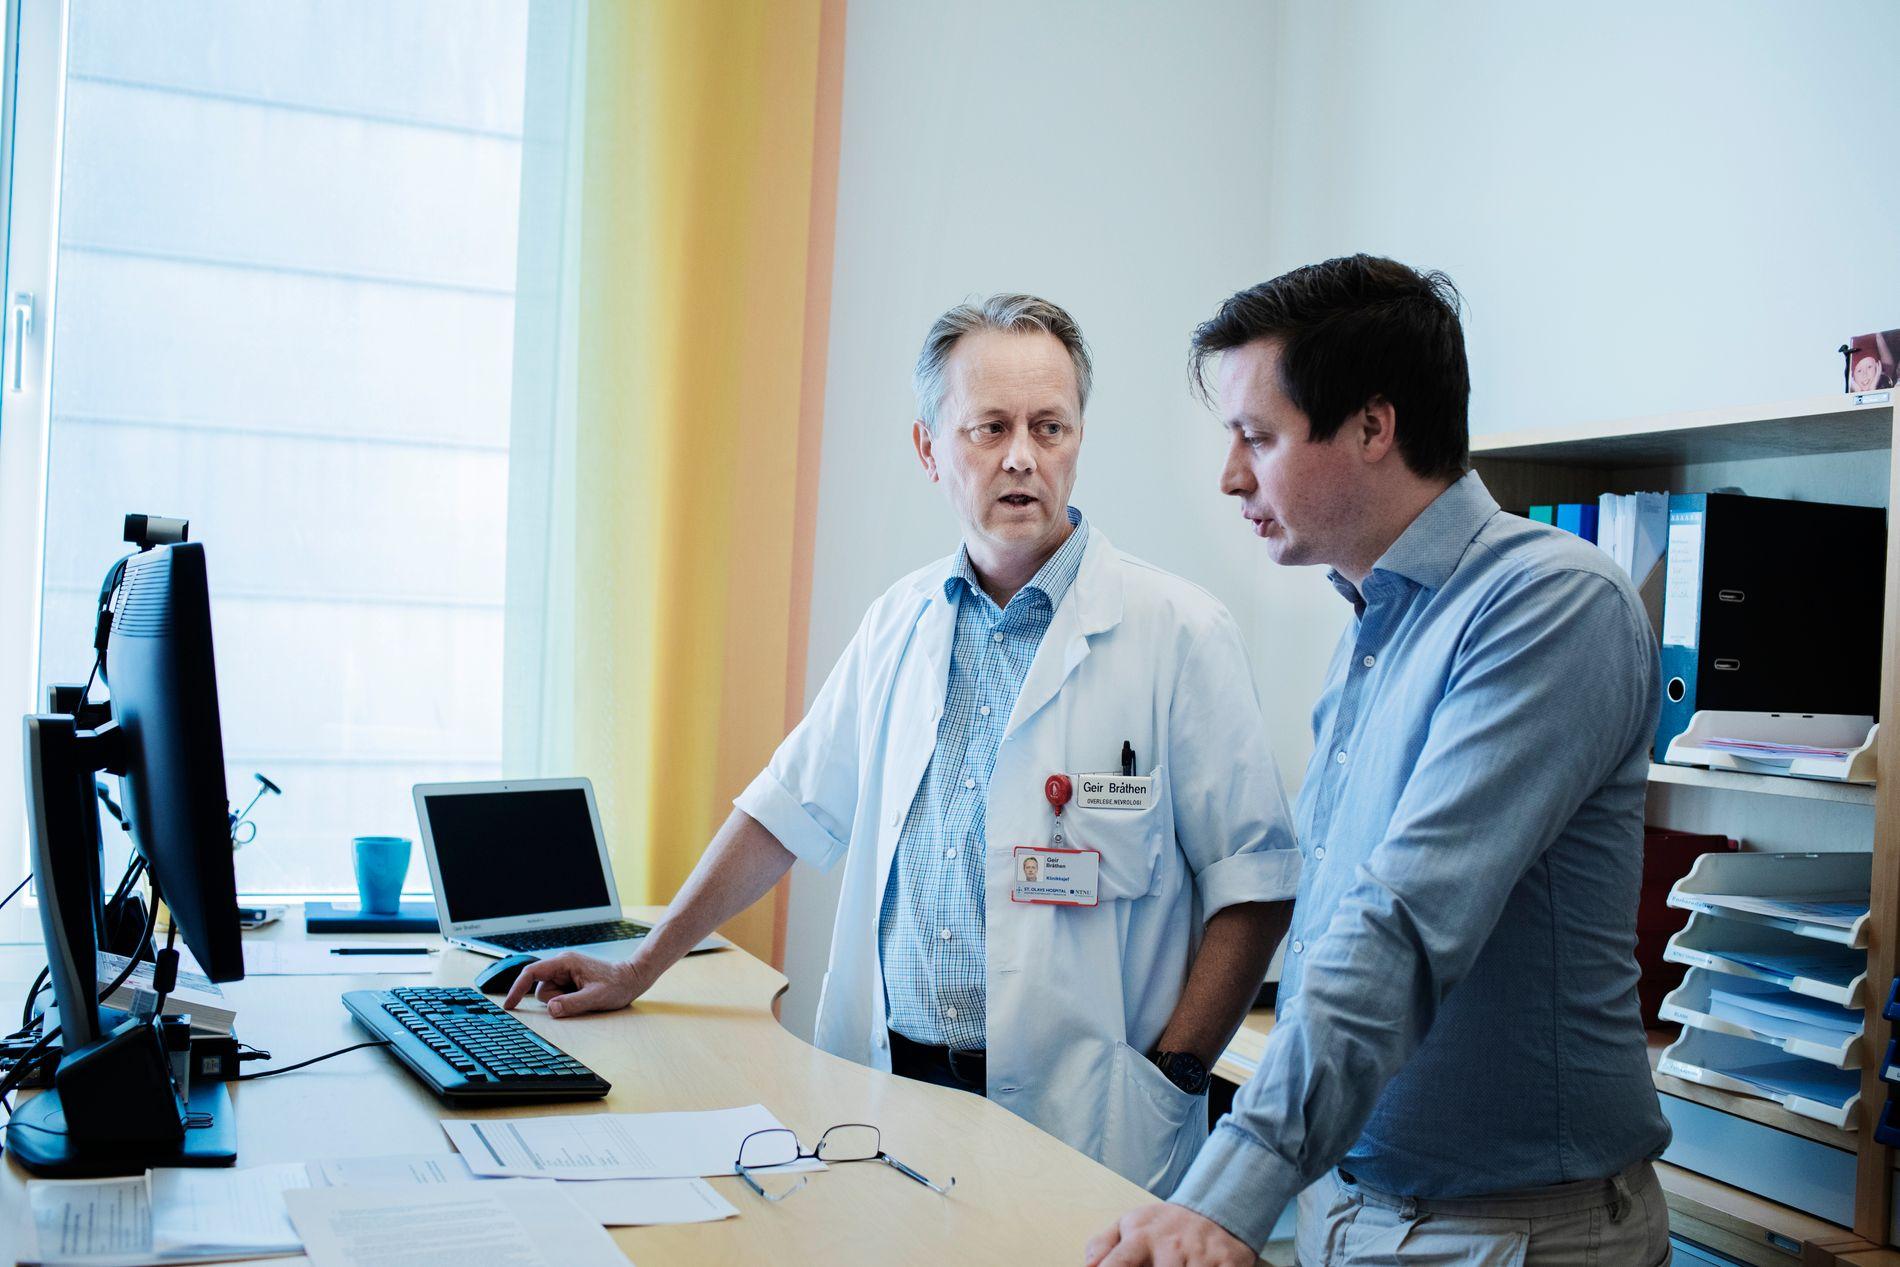 OPPGITT: Klinikksjef Geir Bråthen og lege Tore Wergeland Meisingset ved nevroklinikken på St. Olavs hospital har i tre år kjempet for å få på plass et nasjonalt ALS-register.